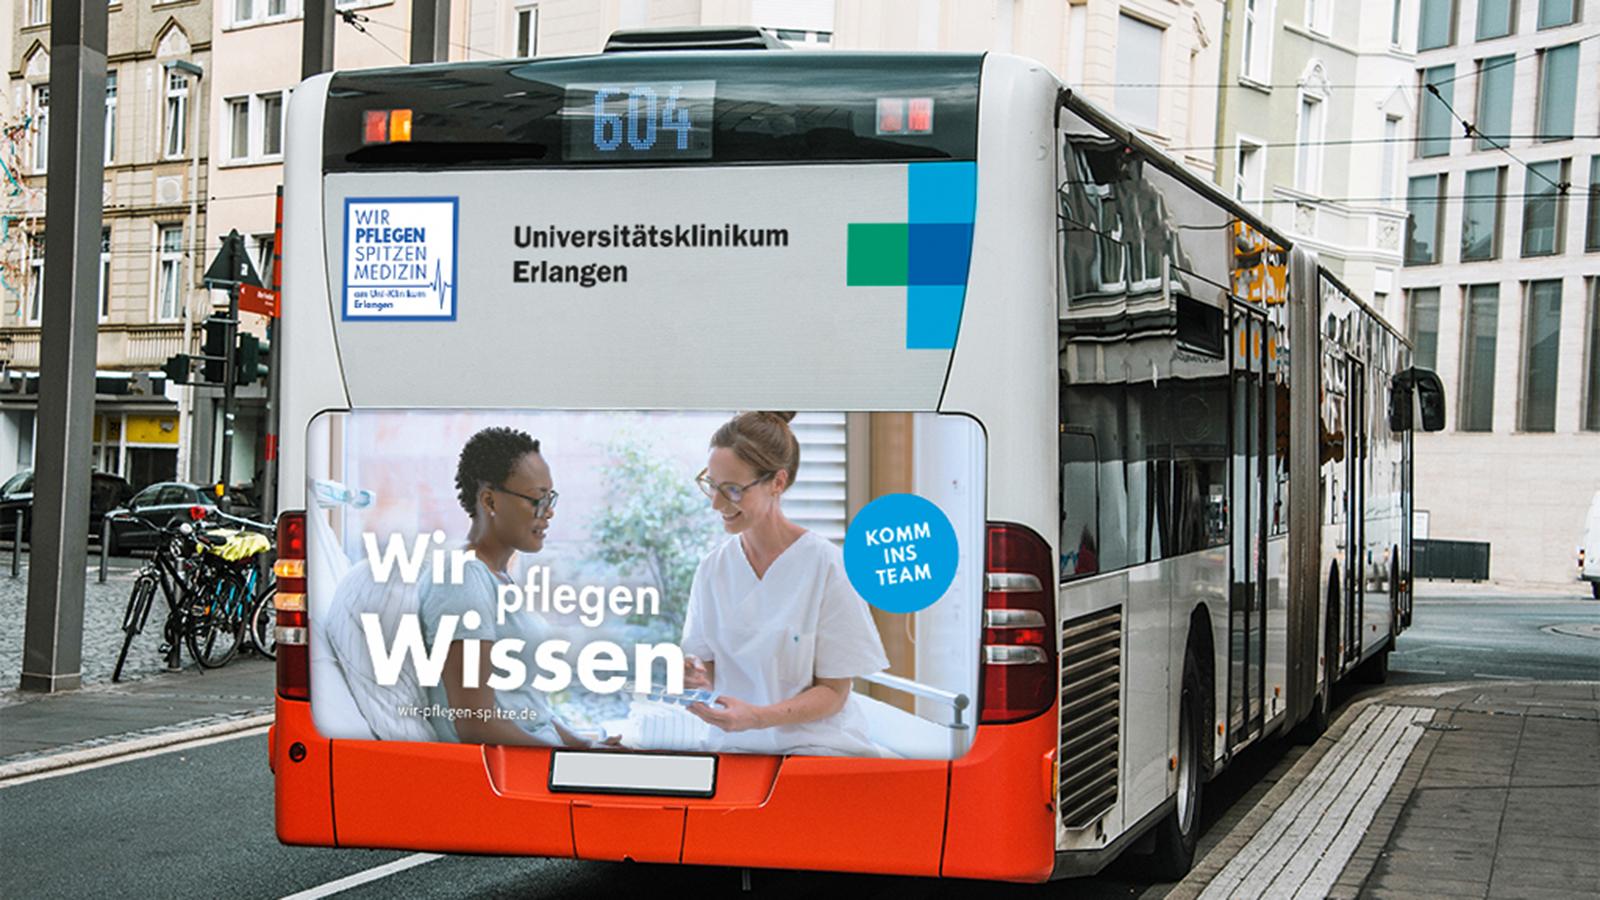 Uniklinikum Erlangen - Busbranding